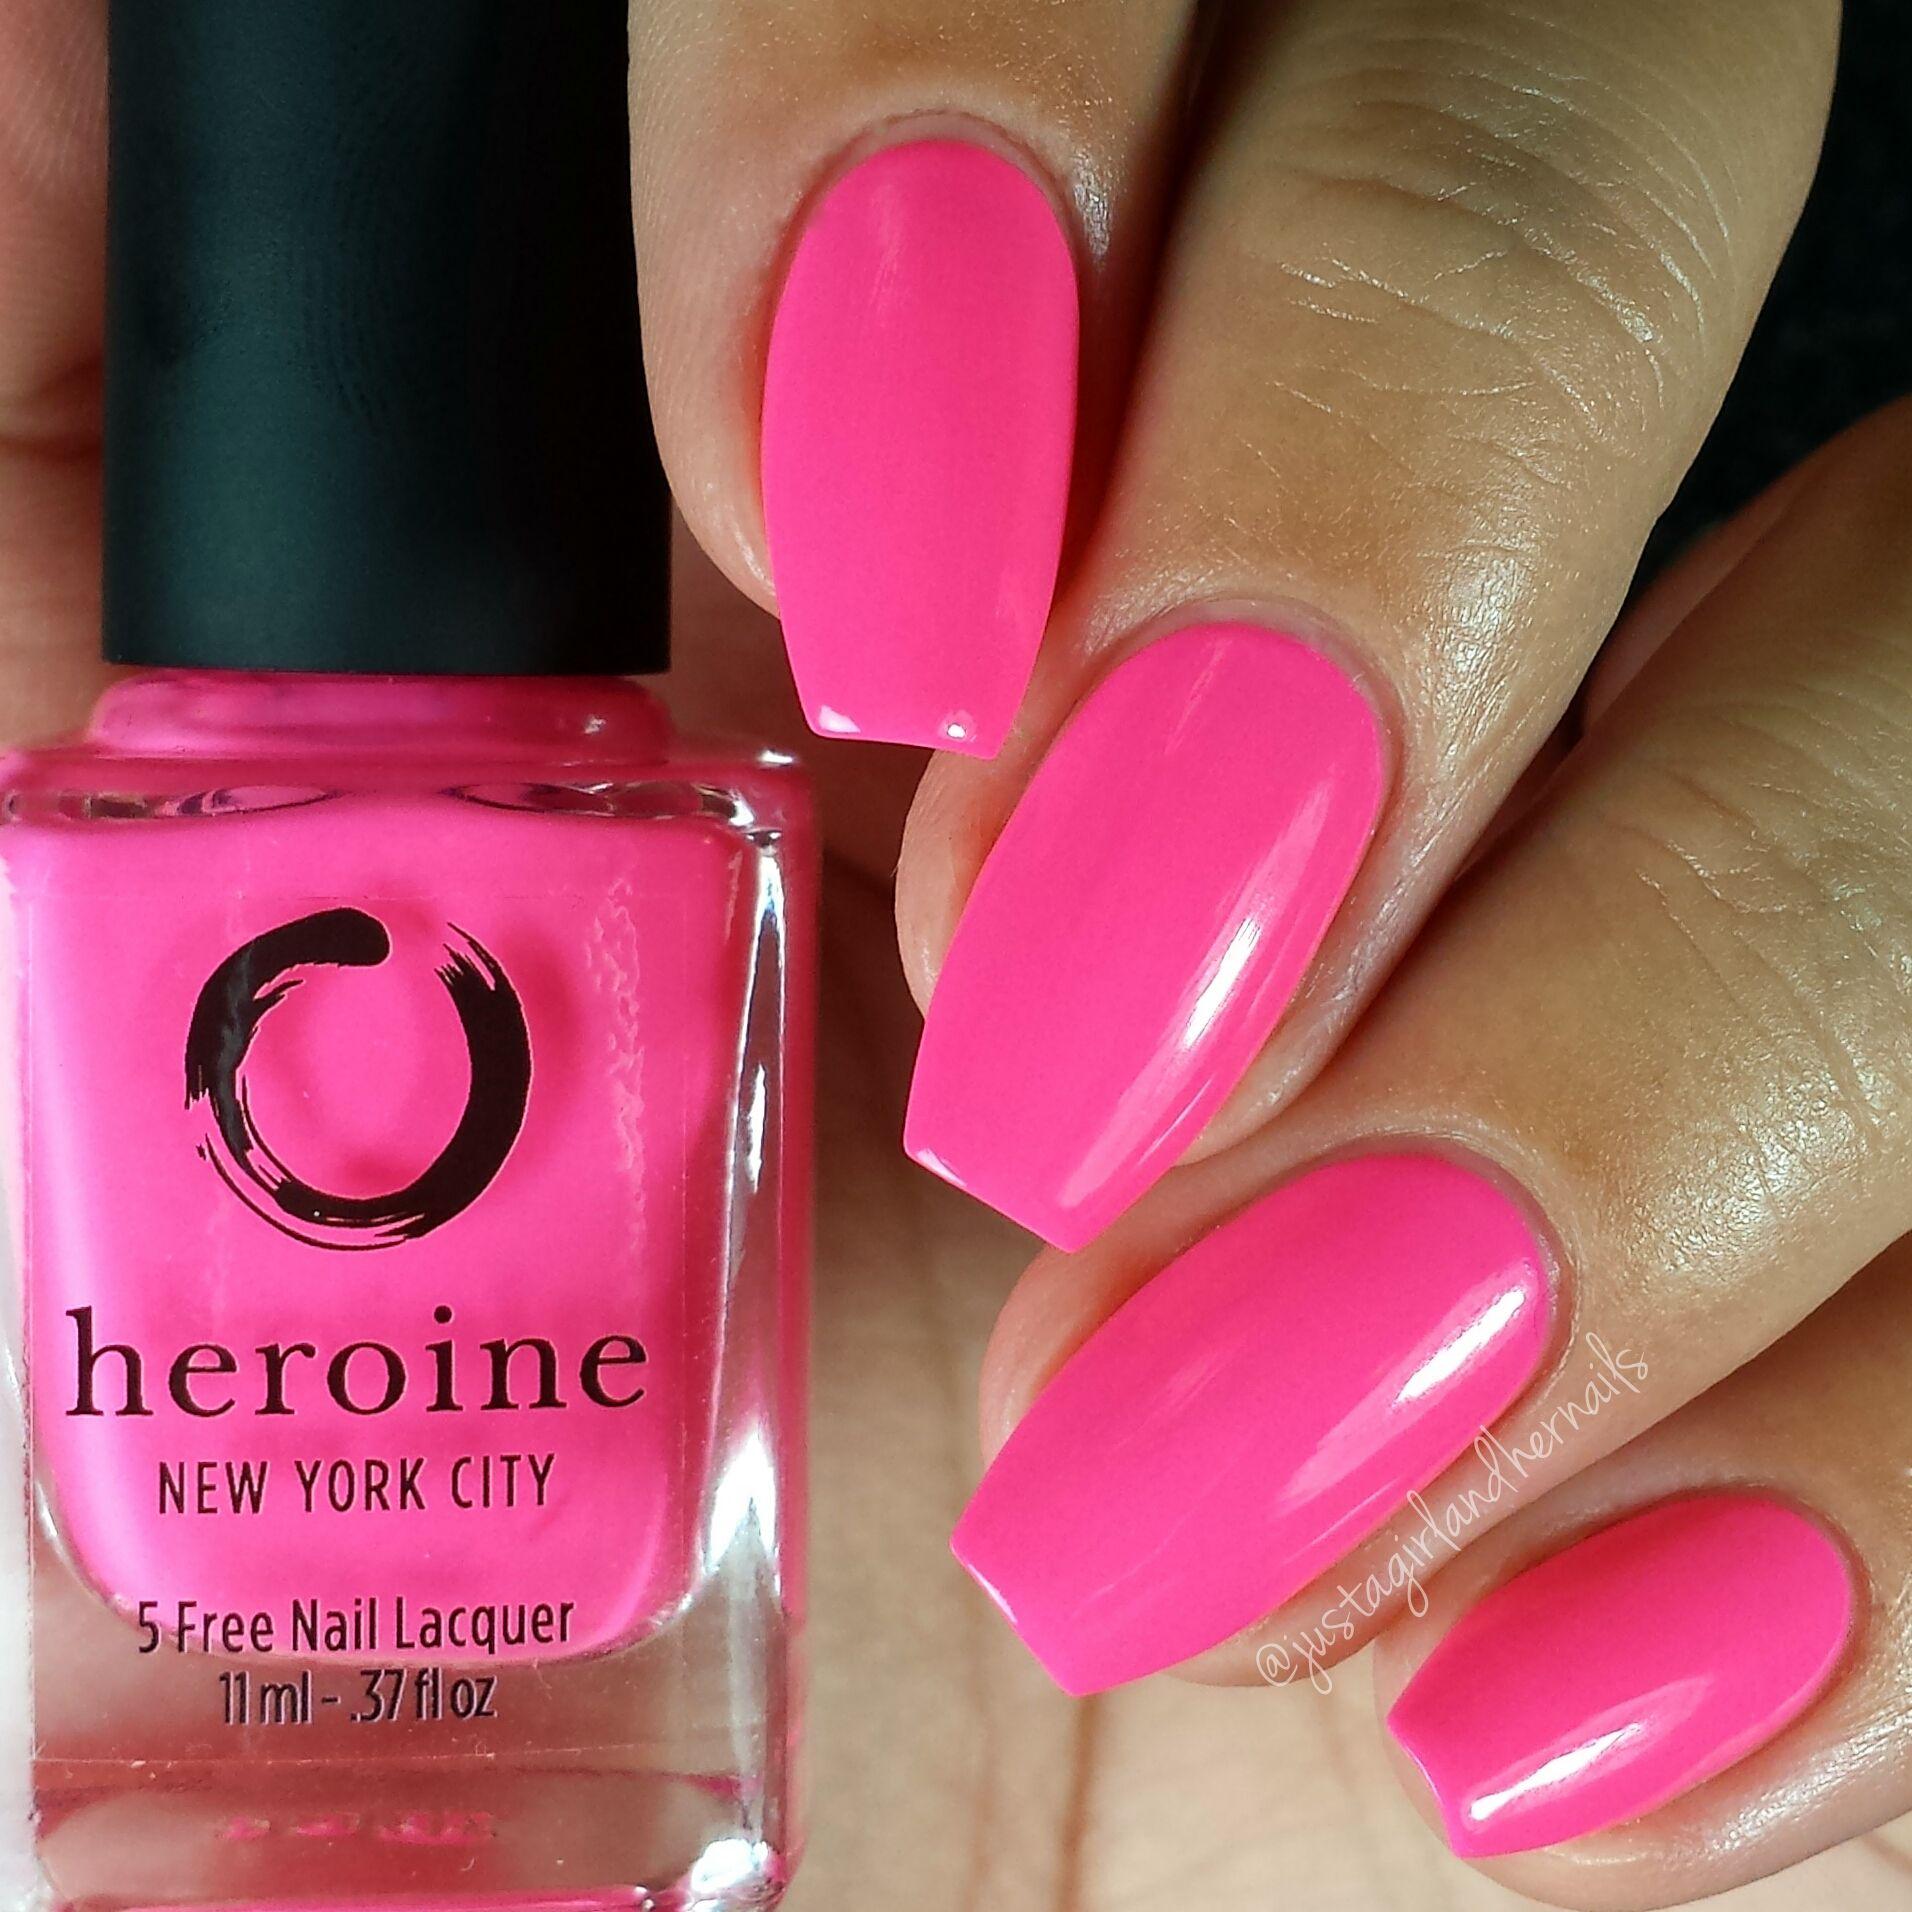 Mean girl | Neon pink nail polish, Neon pink nails and Pink nails